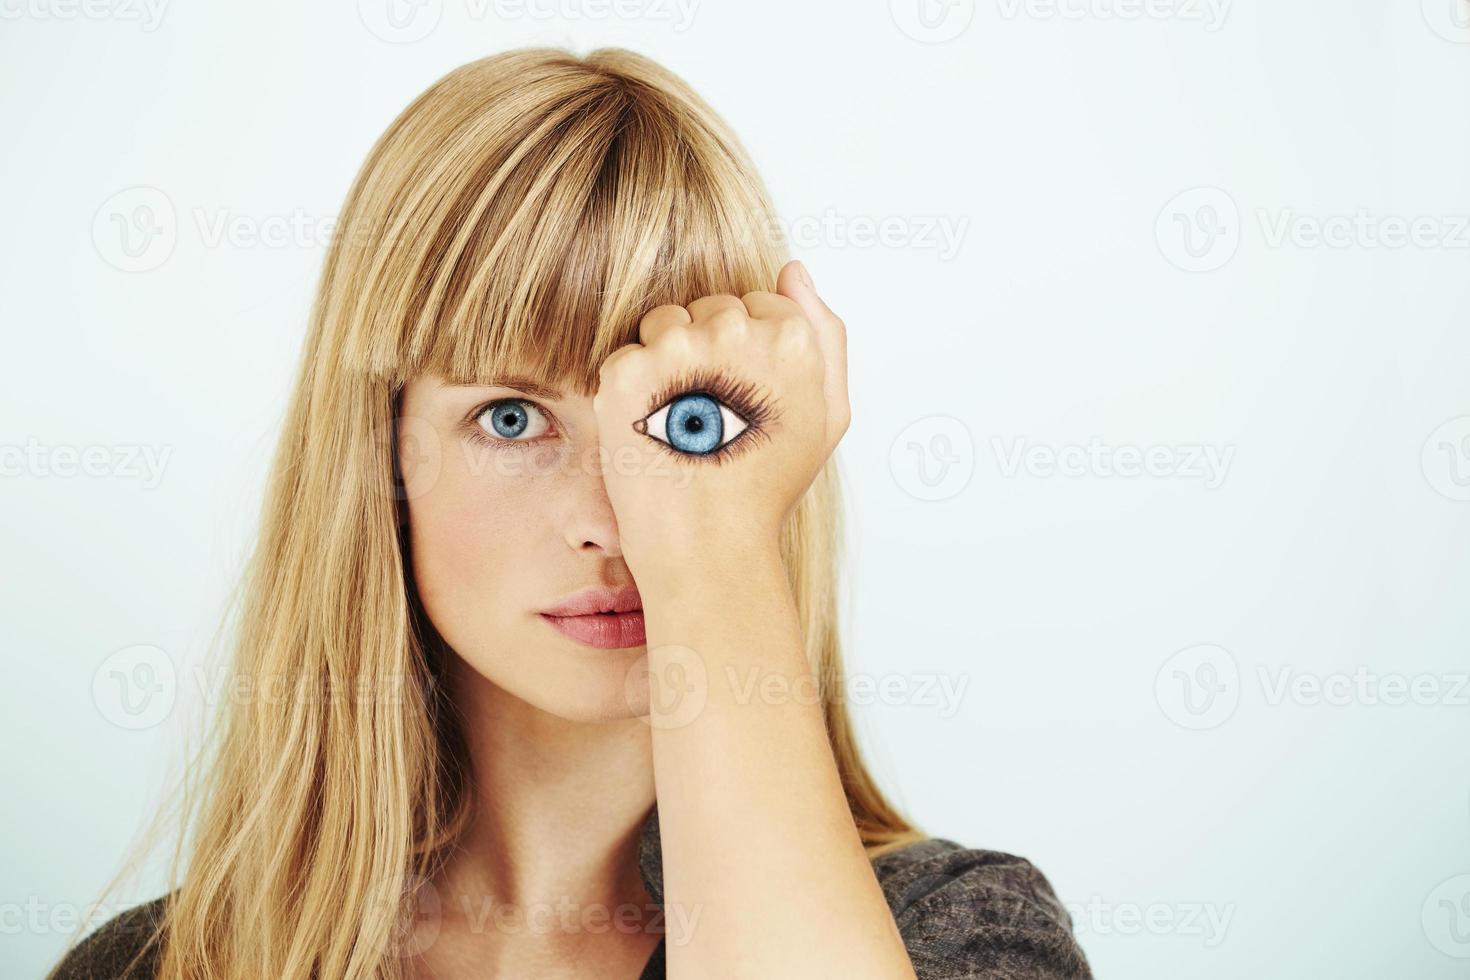 mulher olhando com olhos pintados foto